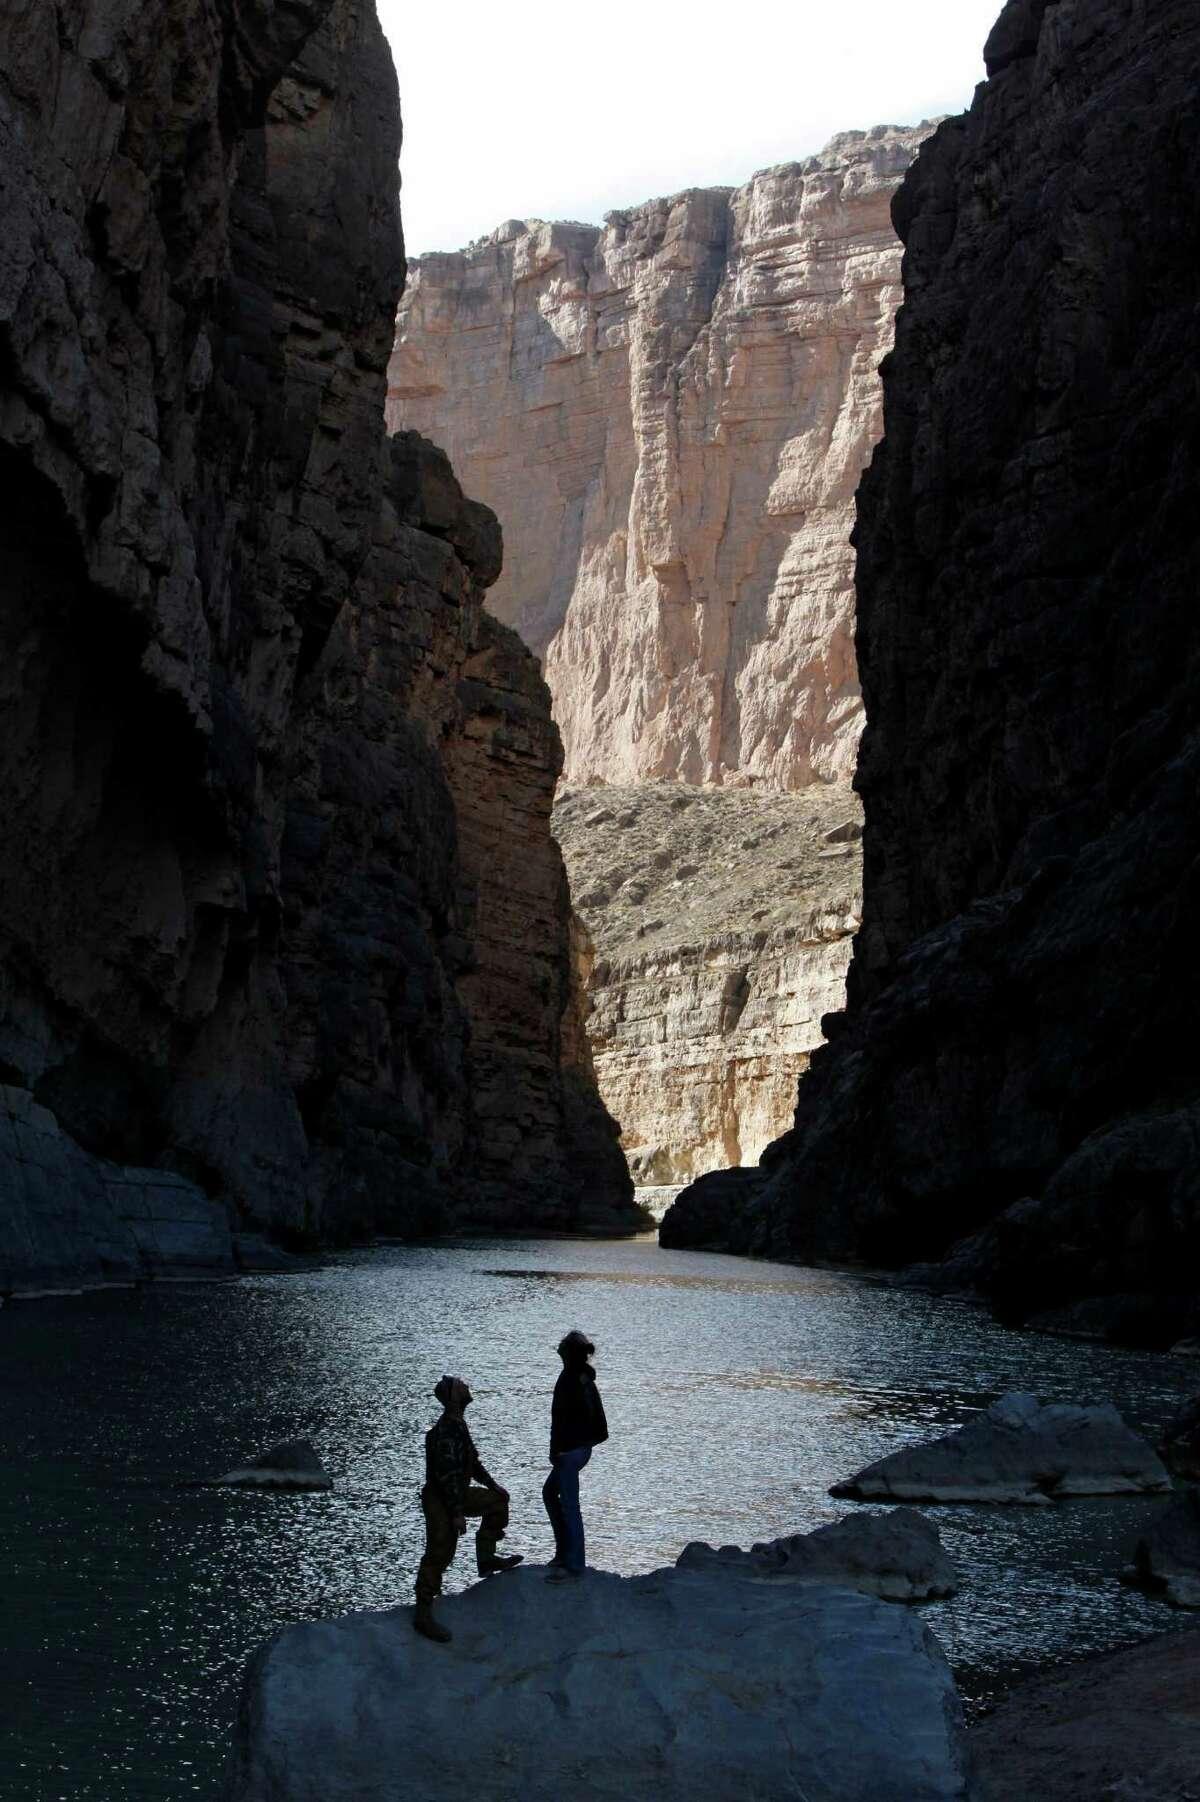 Visitors take in the majesty of the canyon walls at Santa Elena Canyon at Big Bend National Park.